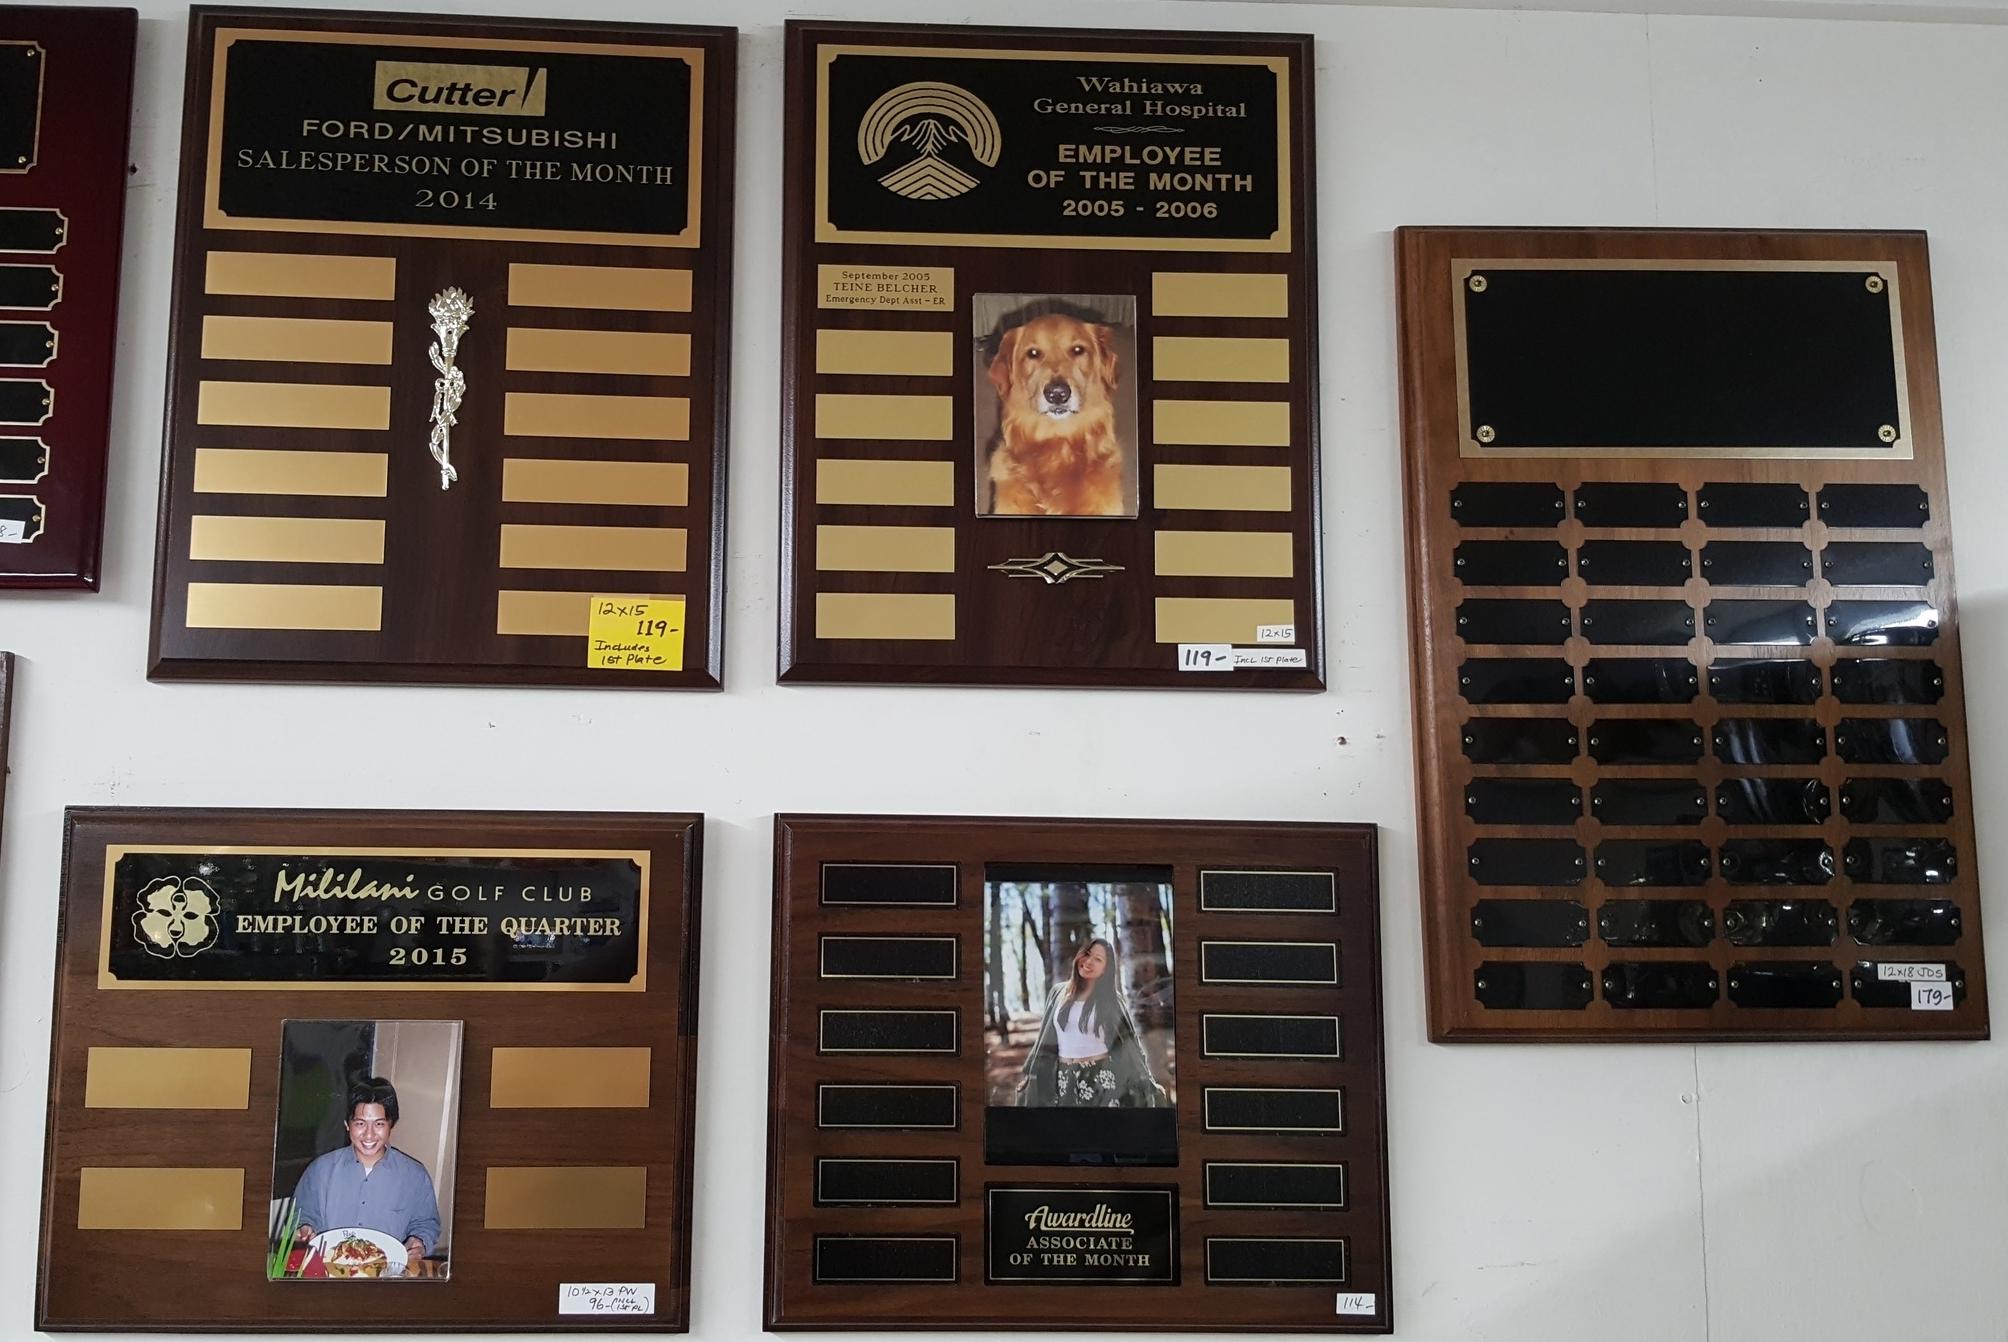 Perpetual Plaque Samples  119.00, 119.00, 179.00, 96.00, 114.00